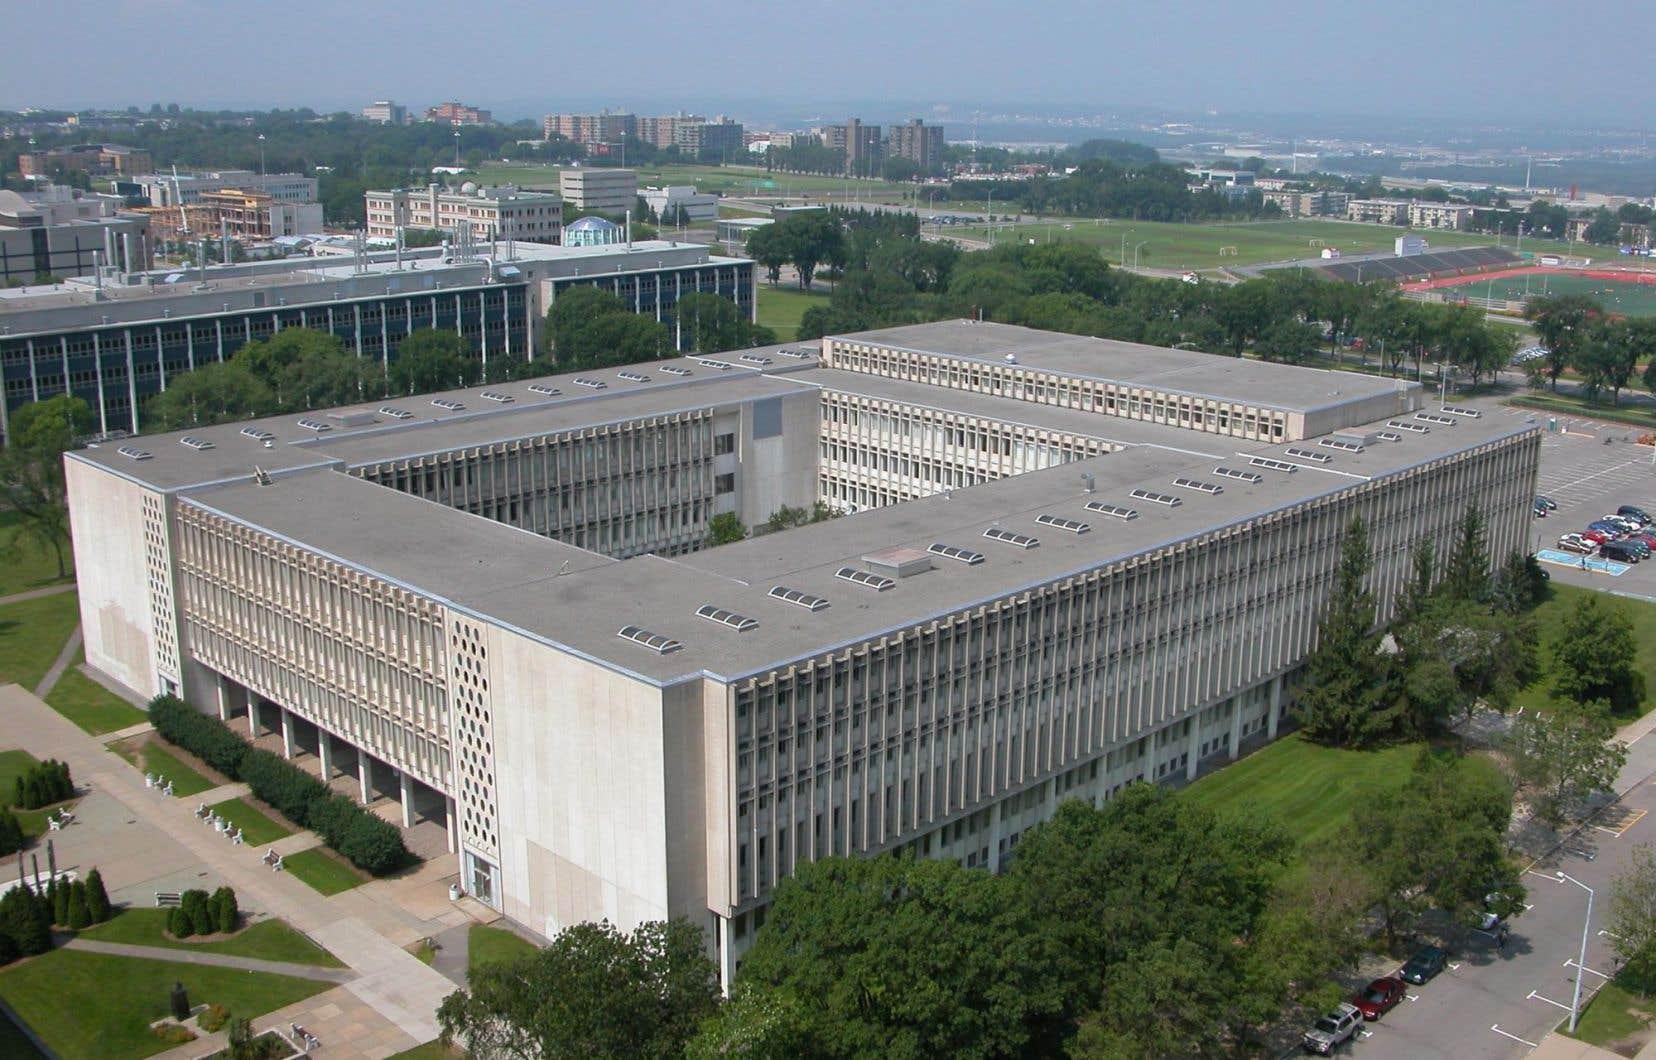 En mai 2014, l'Université Laval avait décidé de ne pas renouveler sa licence avec Copibec, entente par laquelle elle versait en blocs des droits de reproduction allant de 450 000$ à 600 000$.